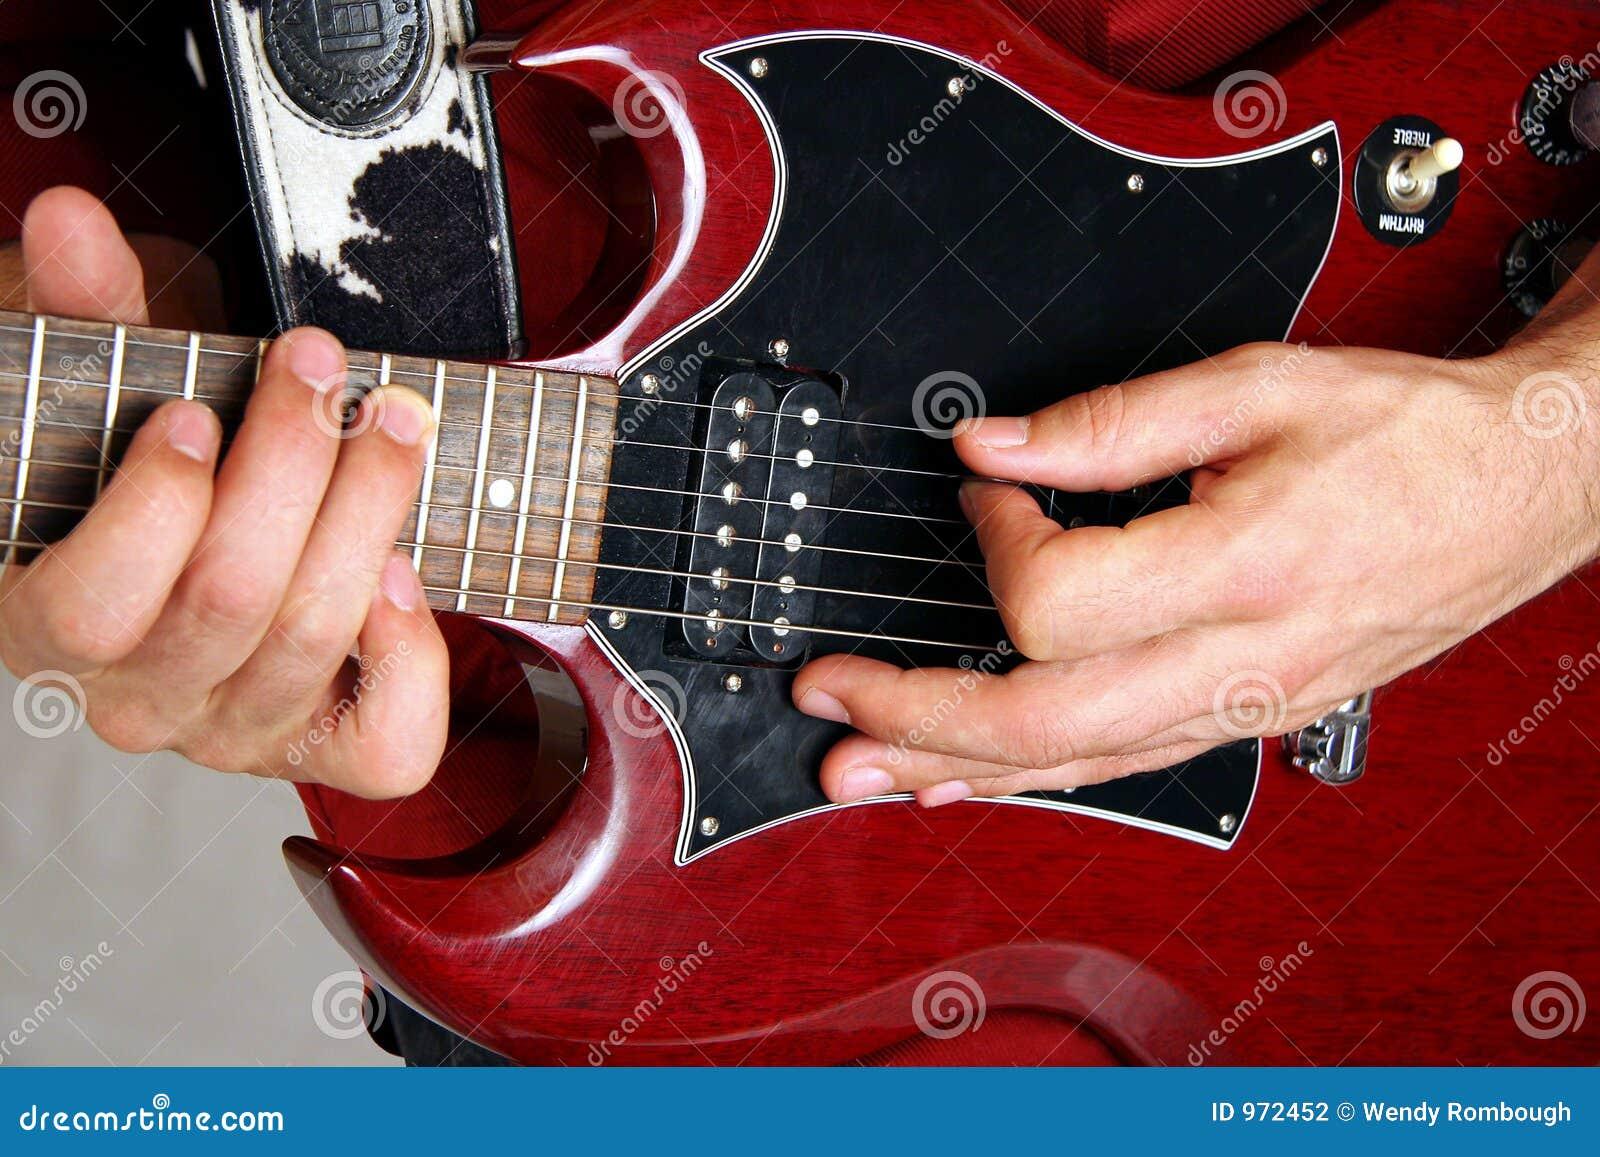 guitare lectrique rouge et noire photographie stock. Black Bedroom Furniture Sets. Home Design Ideas